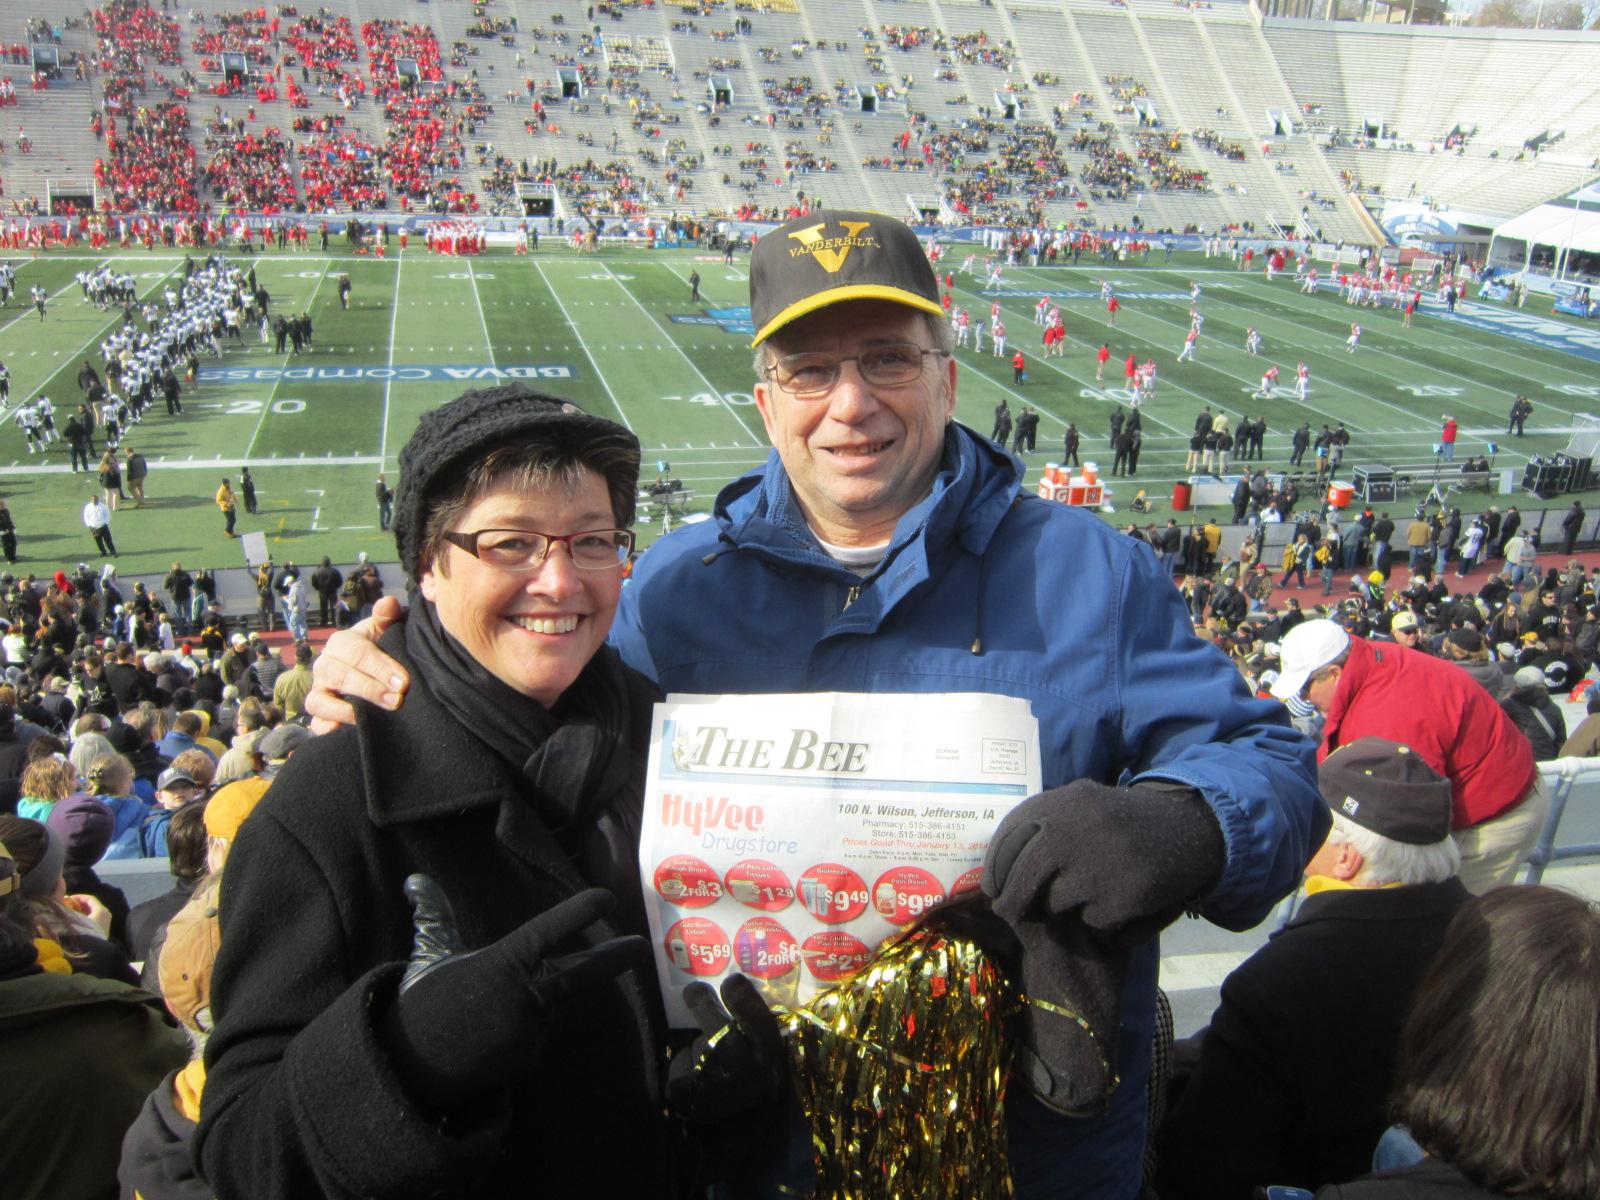 Carla & Chuck Offenburger Legion Field Birmingham AL.JPG